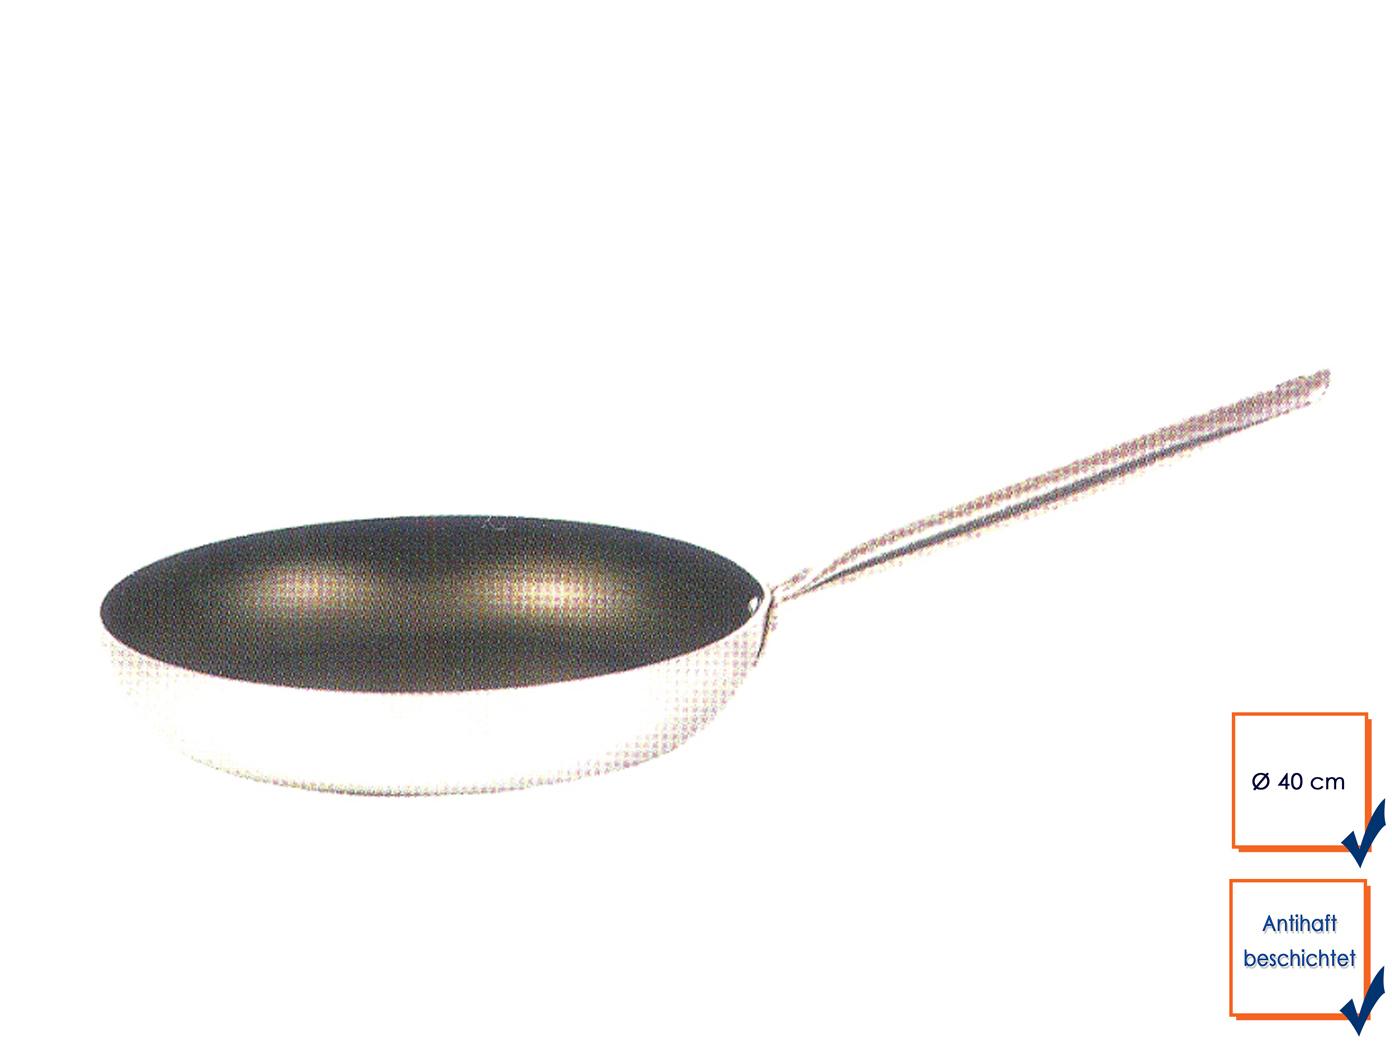 Gastronomie Ø20 bis 40 cm Bratpfanne beschichtet Profi Pfanne